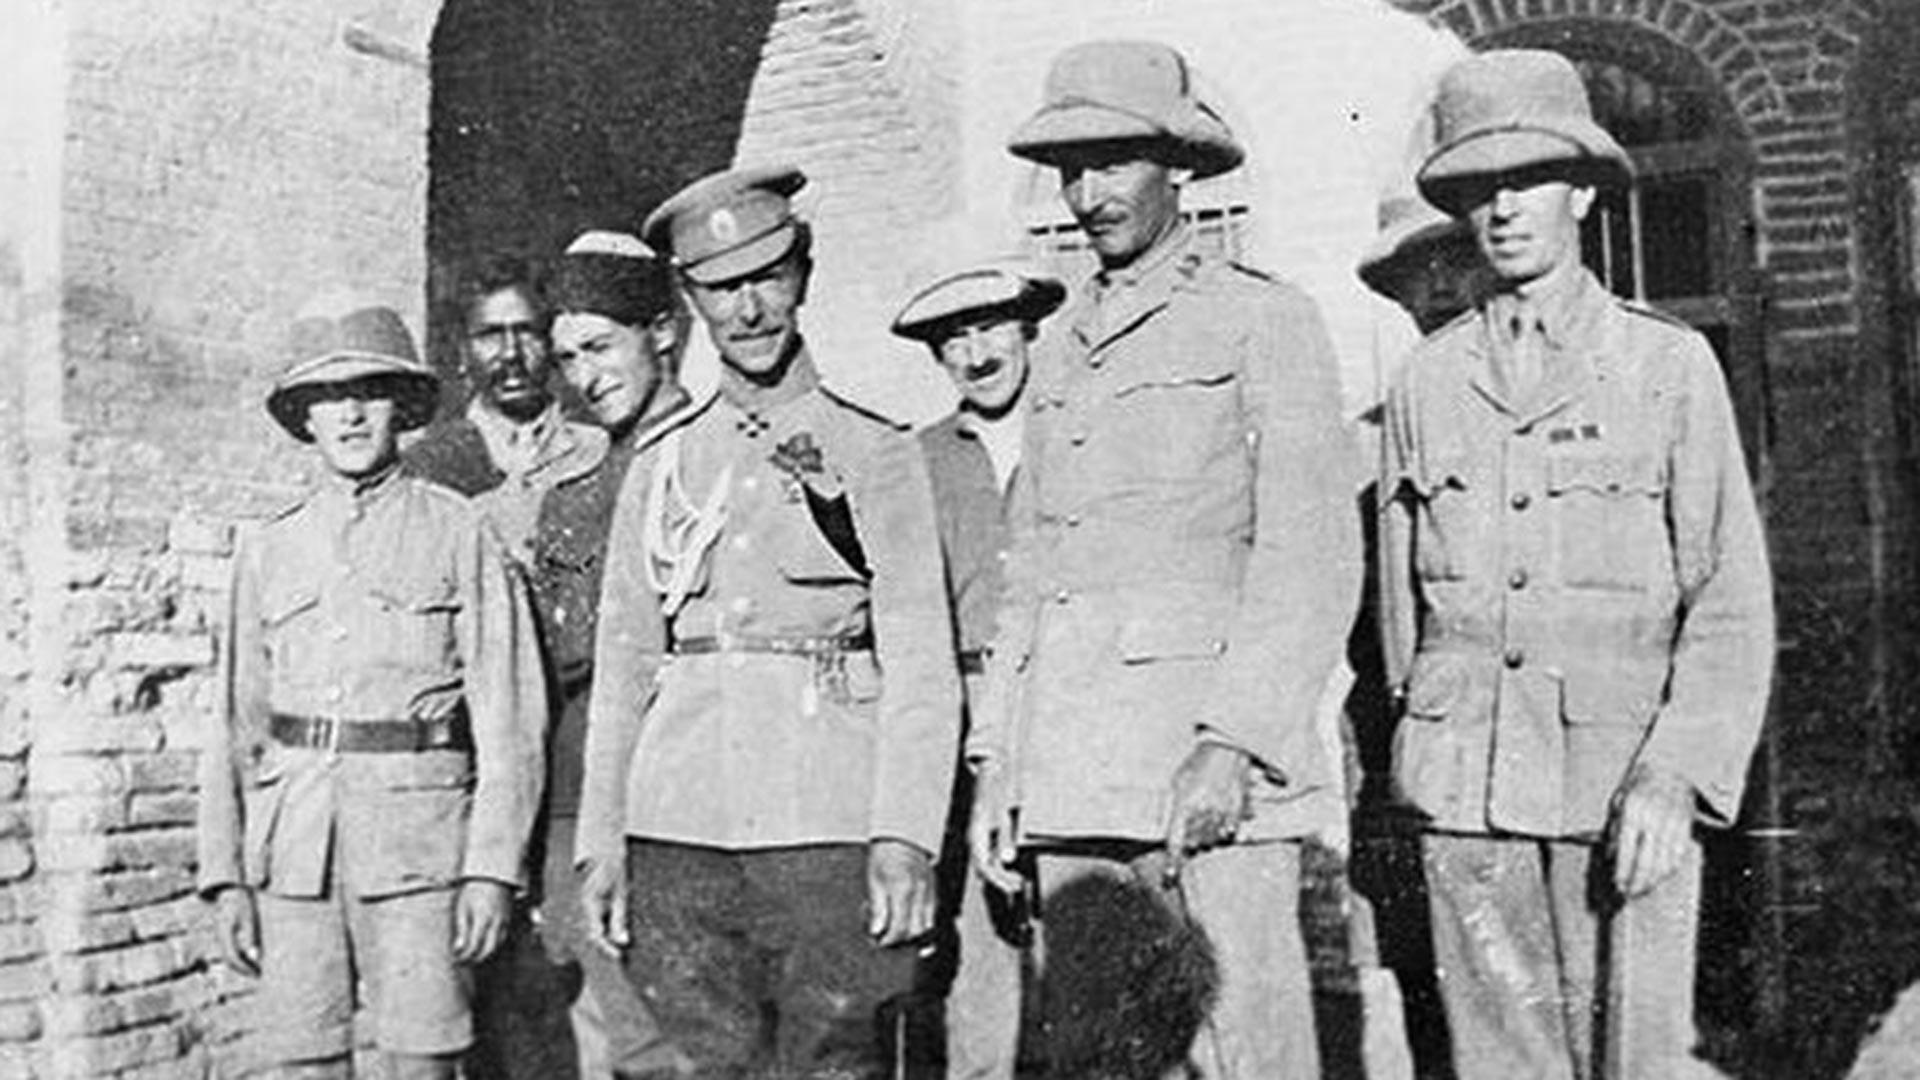 Officiers britanniques et russes en Mésopotamie, 1916